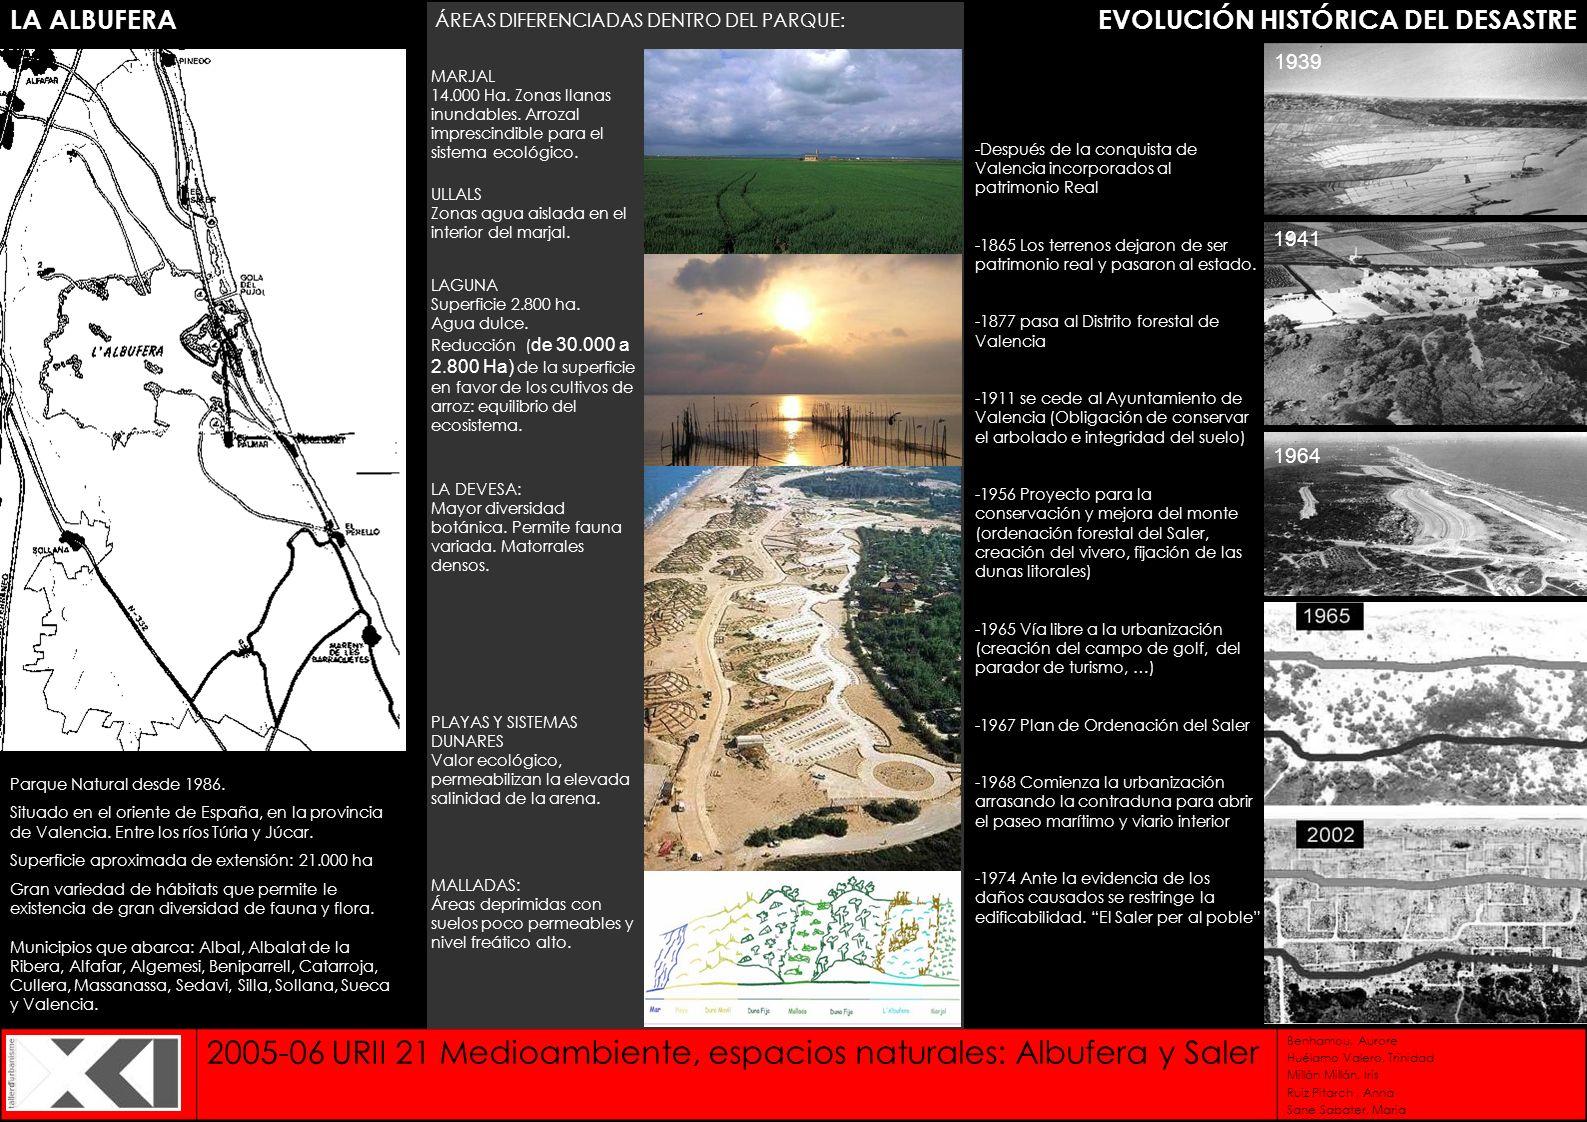 EVOLUCIÓN HISTÓRICA DEL DESASTRE